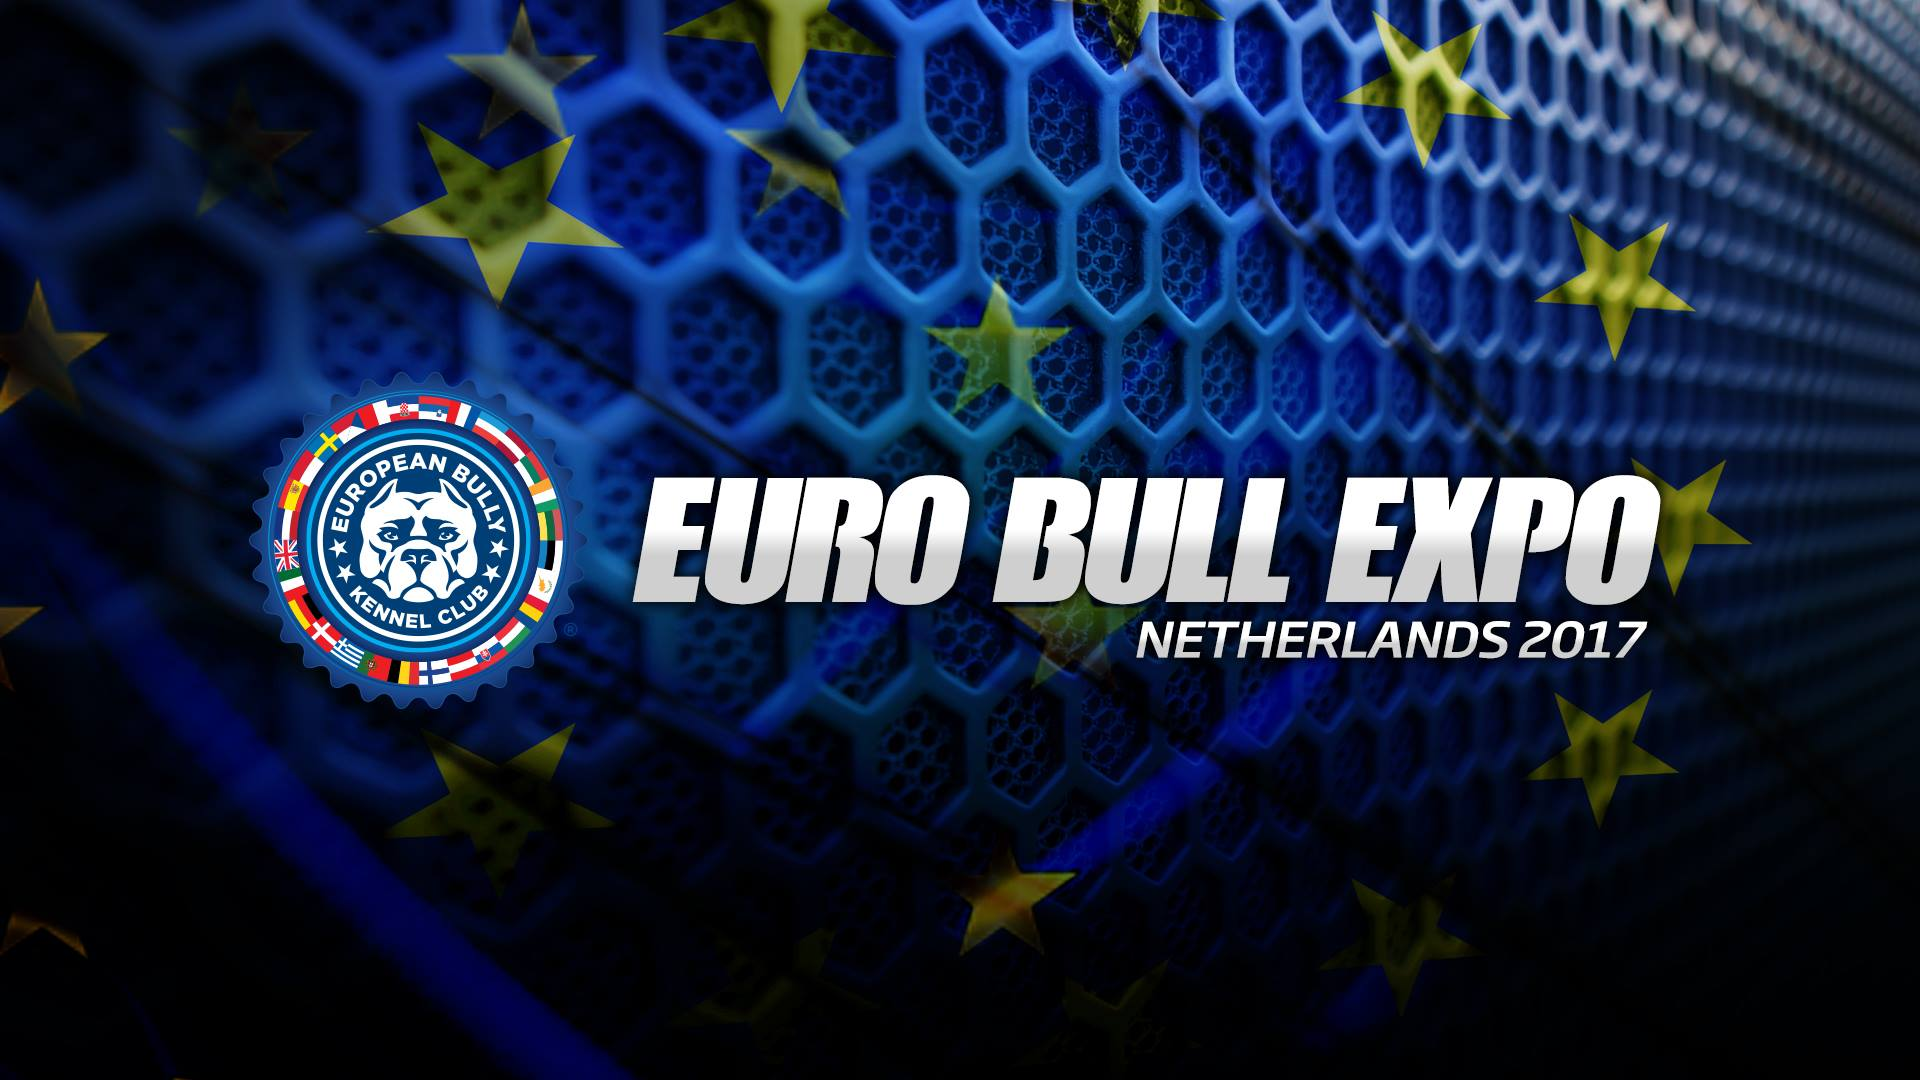 euro_bull_expo_2017